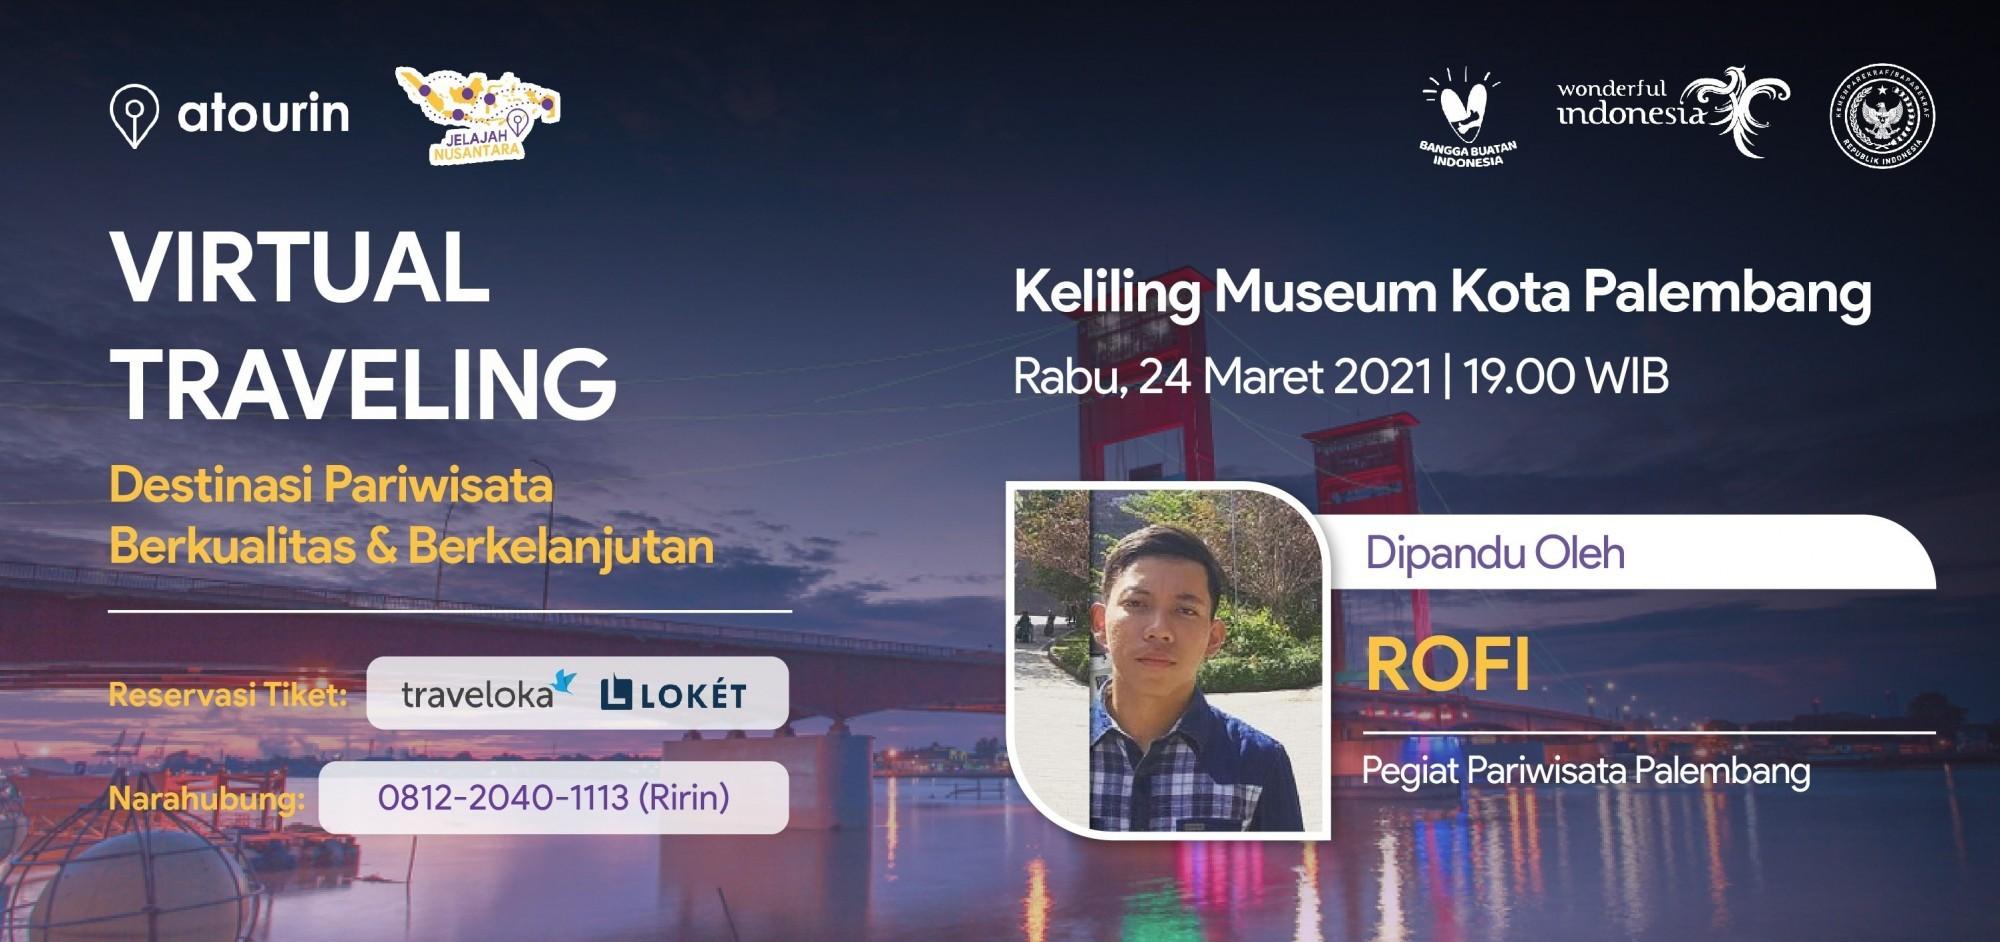 Keliling Museum Kota Palembang